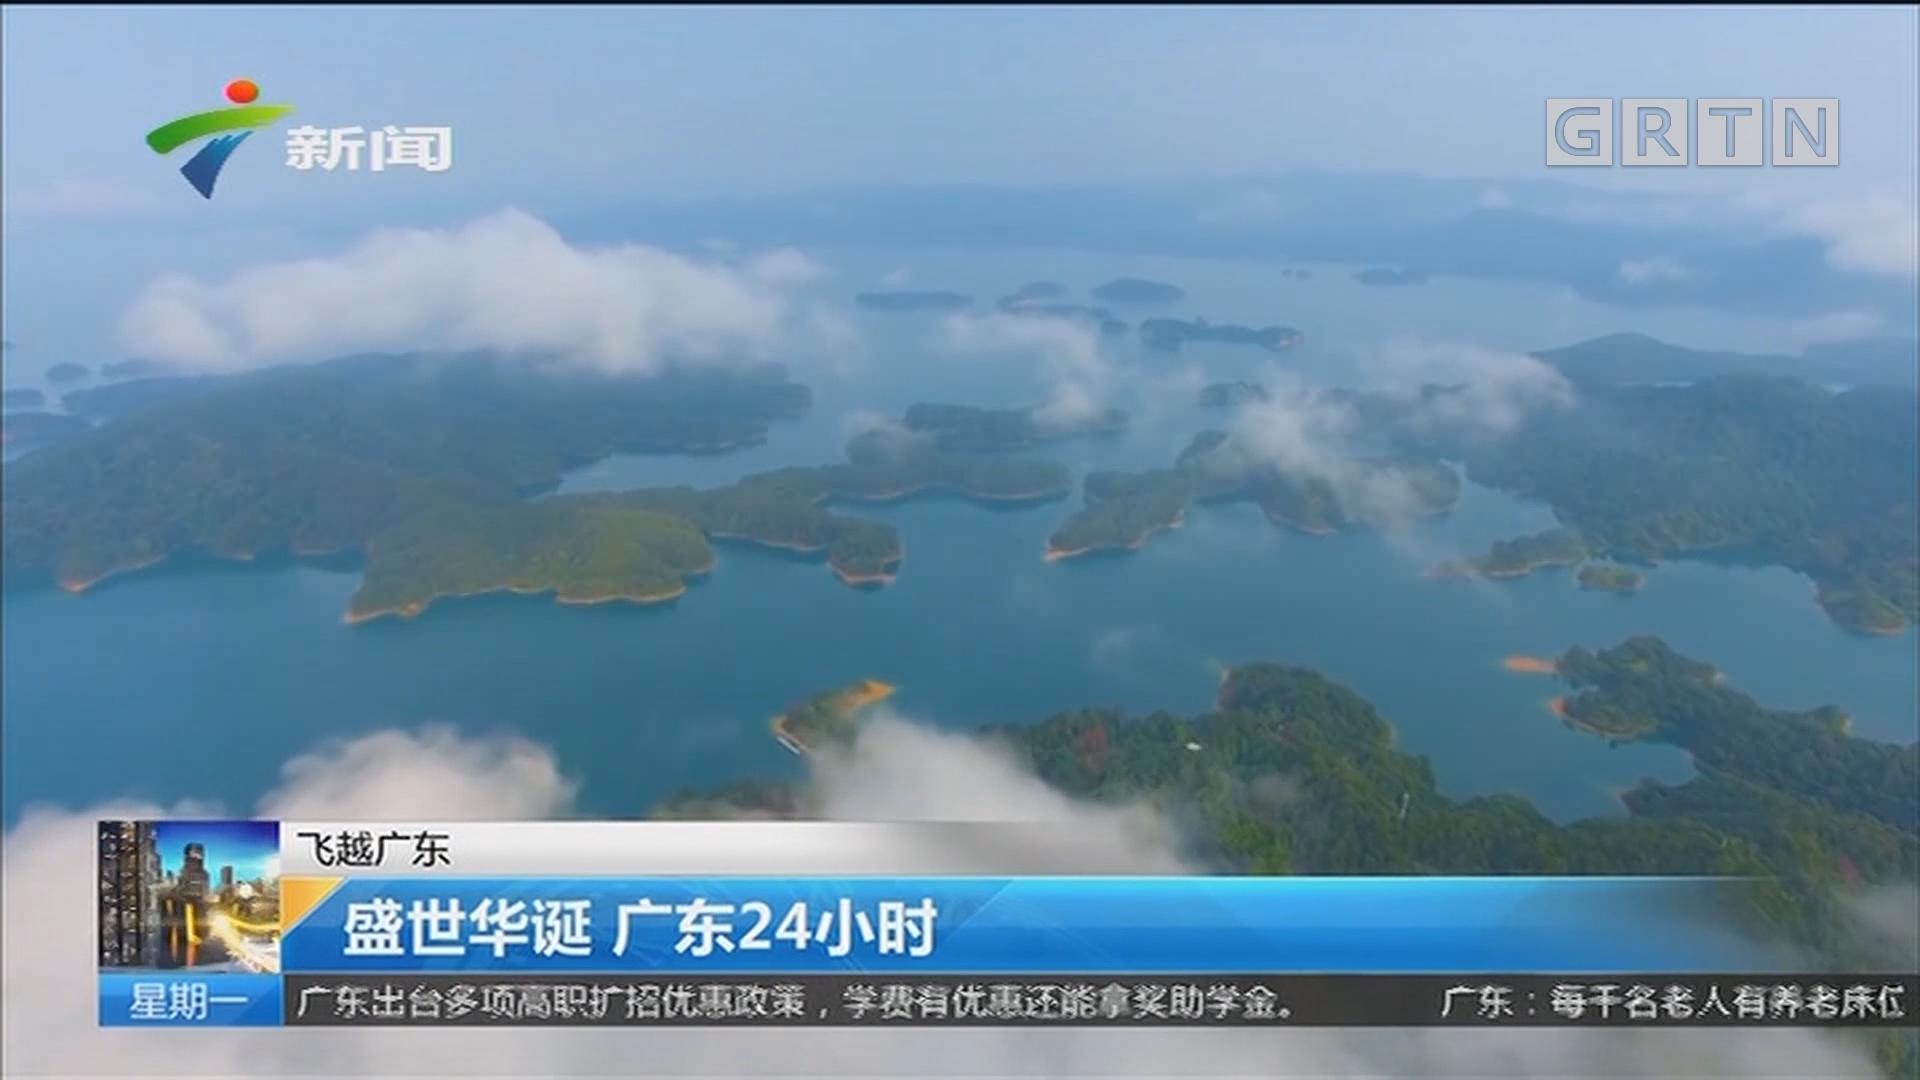 飞跃广东:盛世华诞 广东24小时